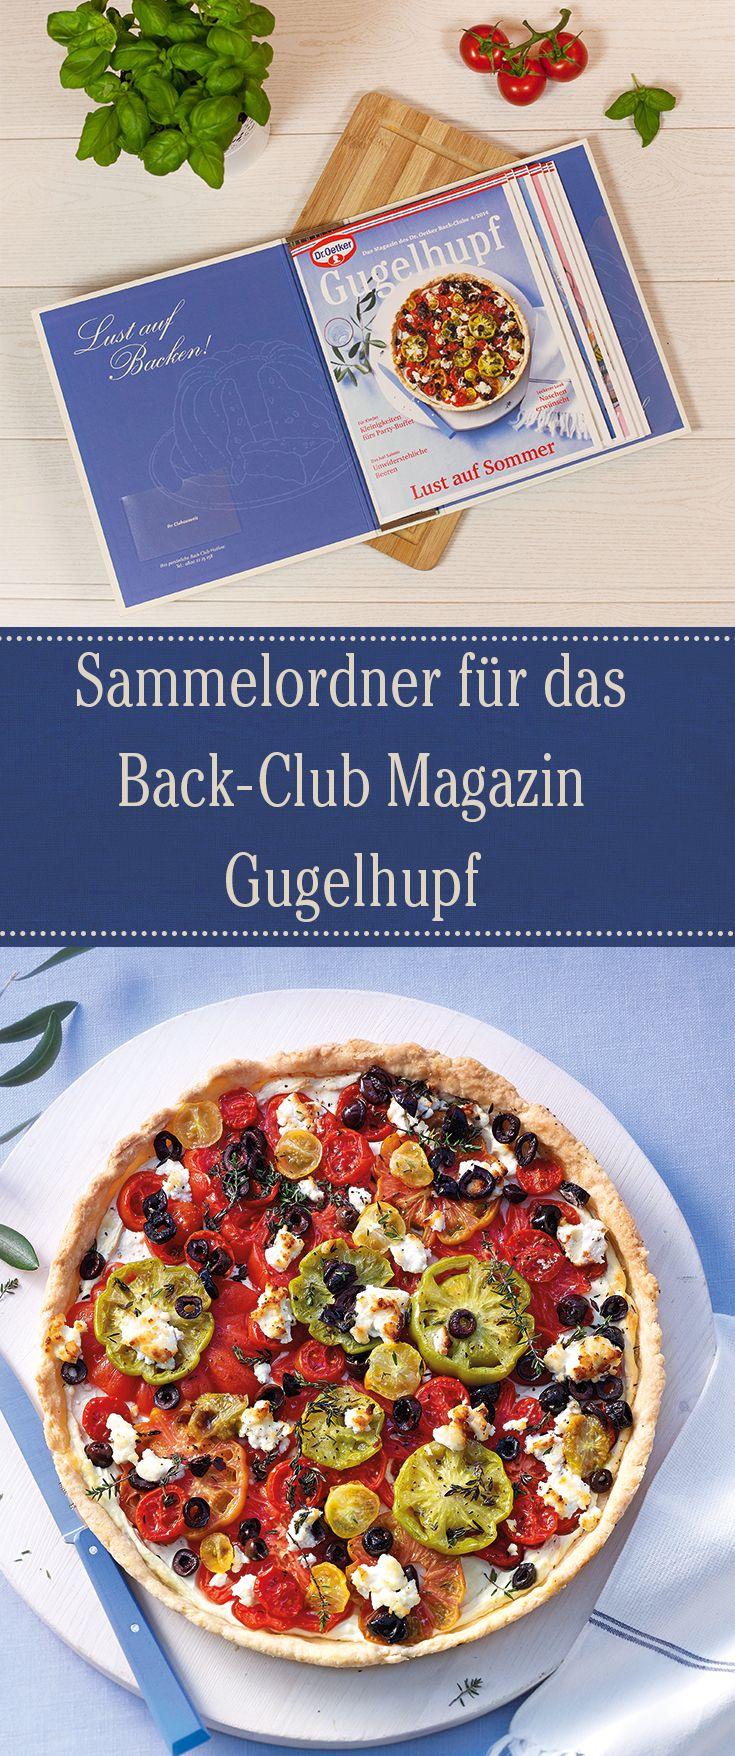 Machen Sie Back-Club-Mitgliedern eine große Freude und verschenken Sie diesen praktischen Sammelordner für die Gugelhupf-Magazine.